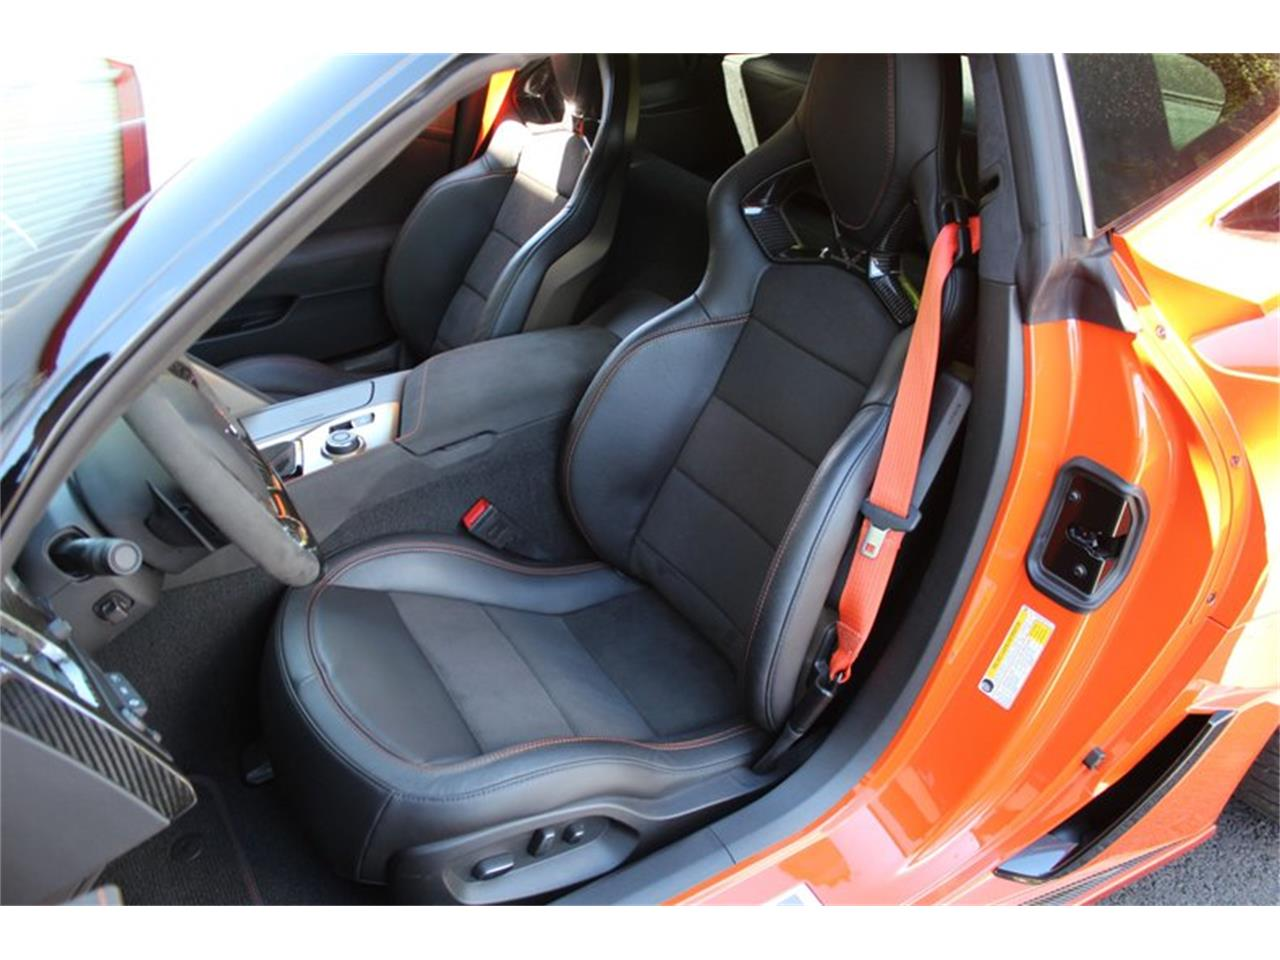 2019 Chevrolet Corvette (CC-1409424) for sale in Clifton Park, New York